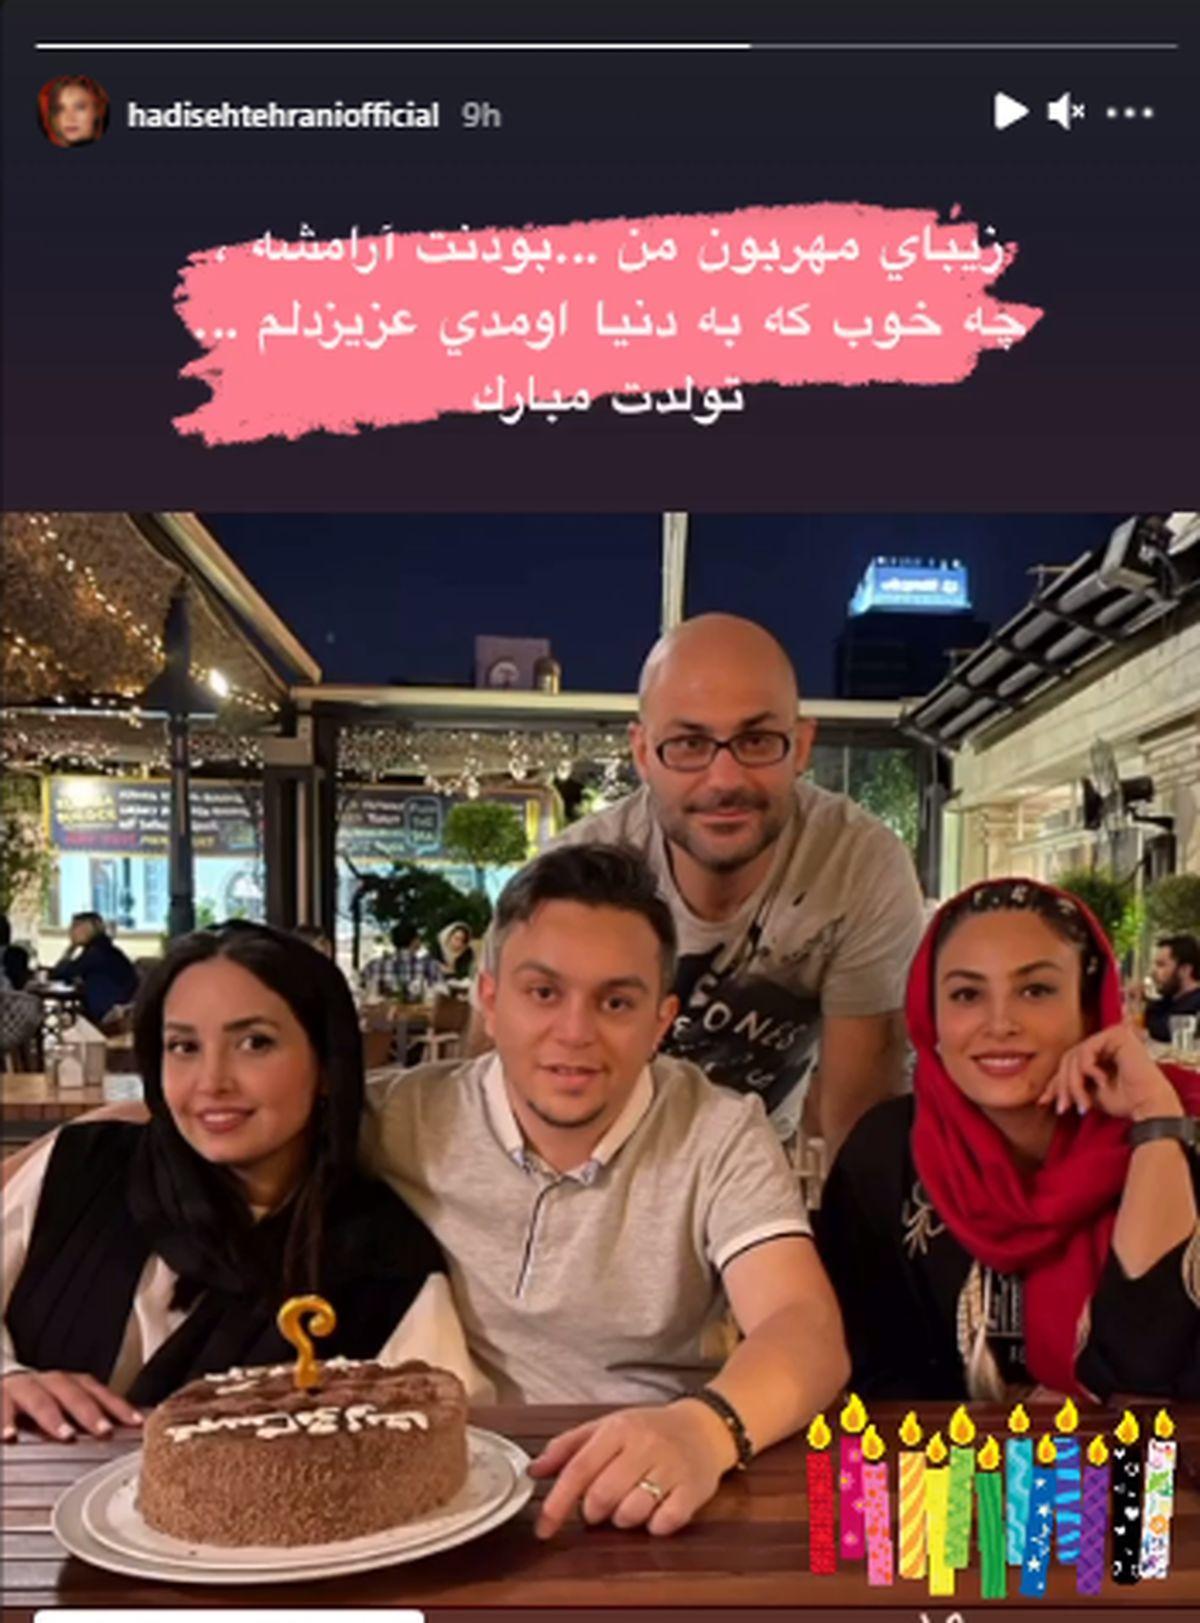 تیپ فشنِ حدیثه تهرانی در جشن تولد +عکس